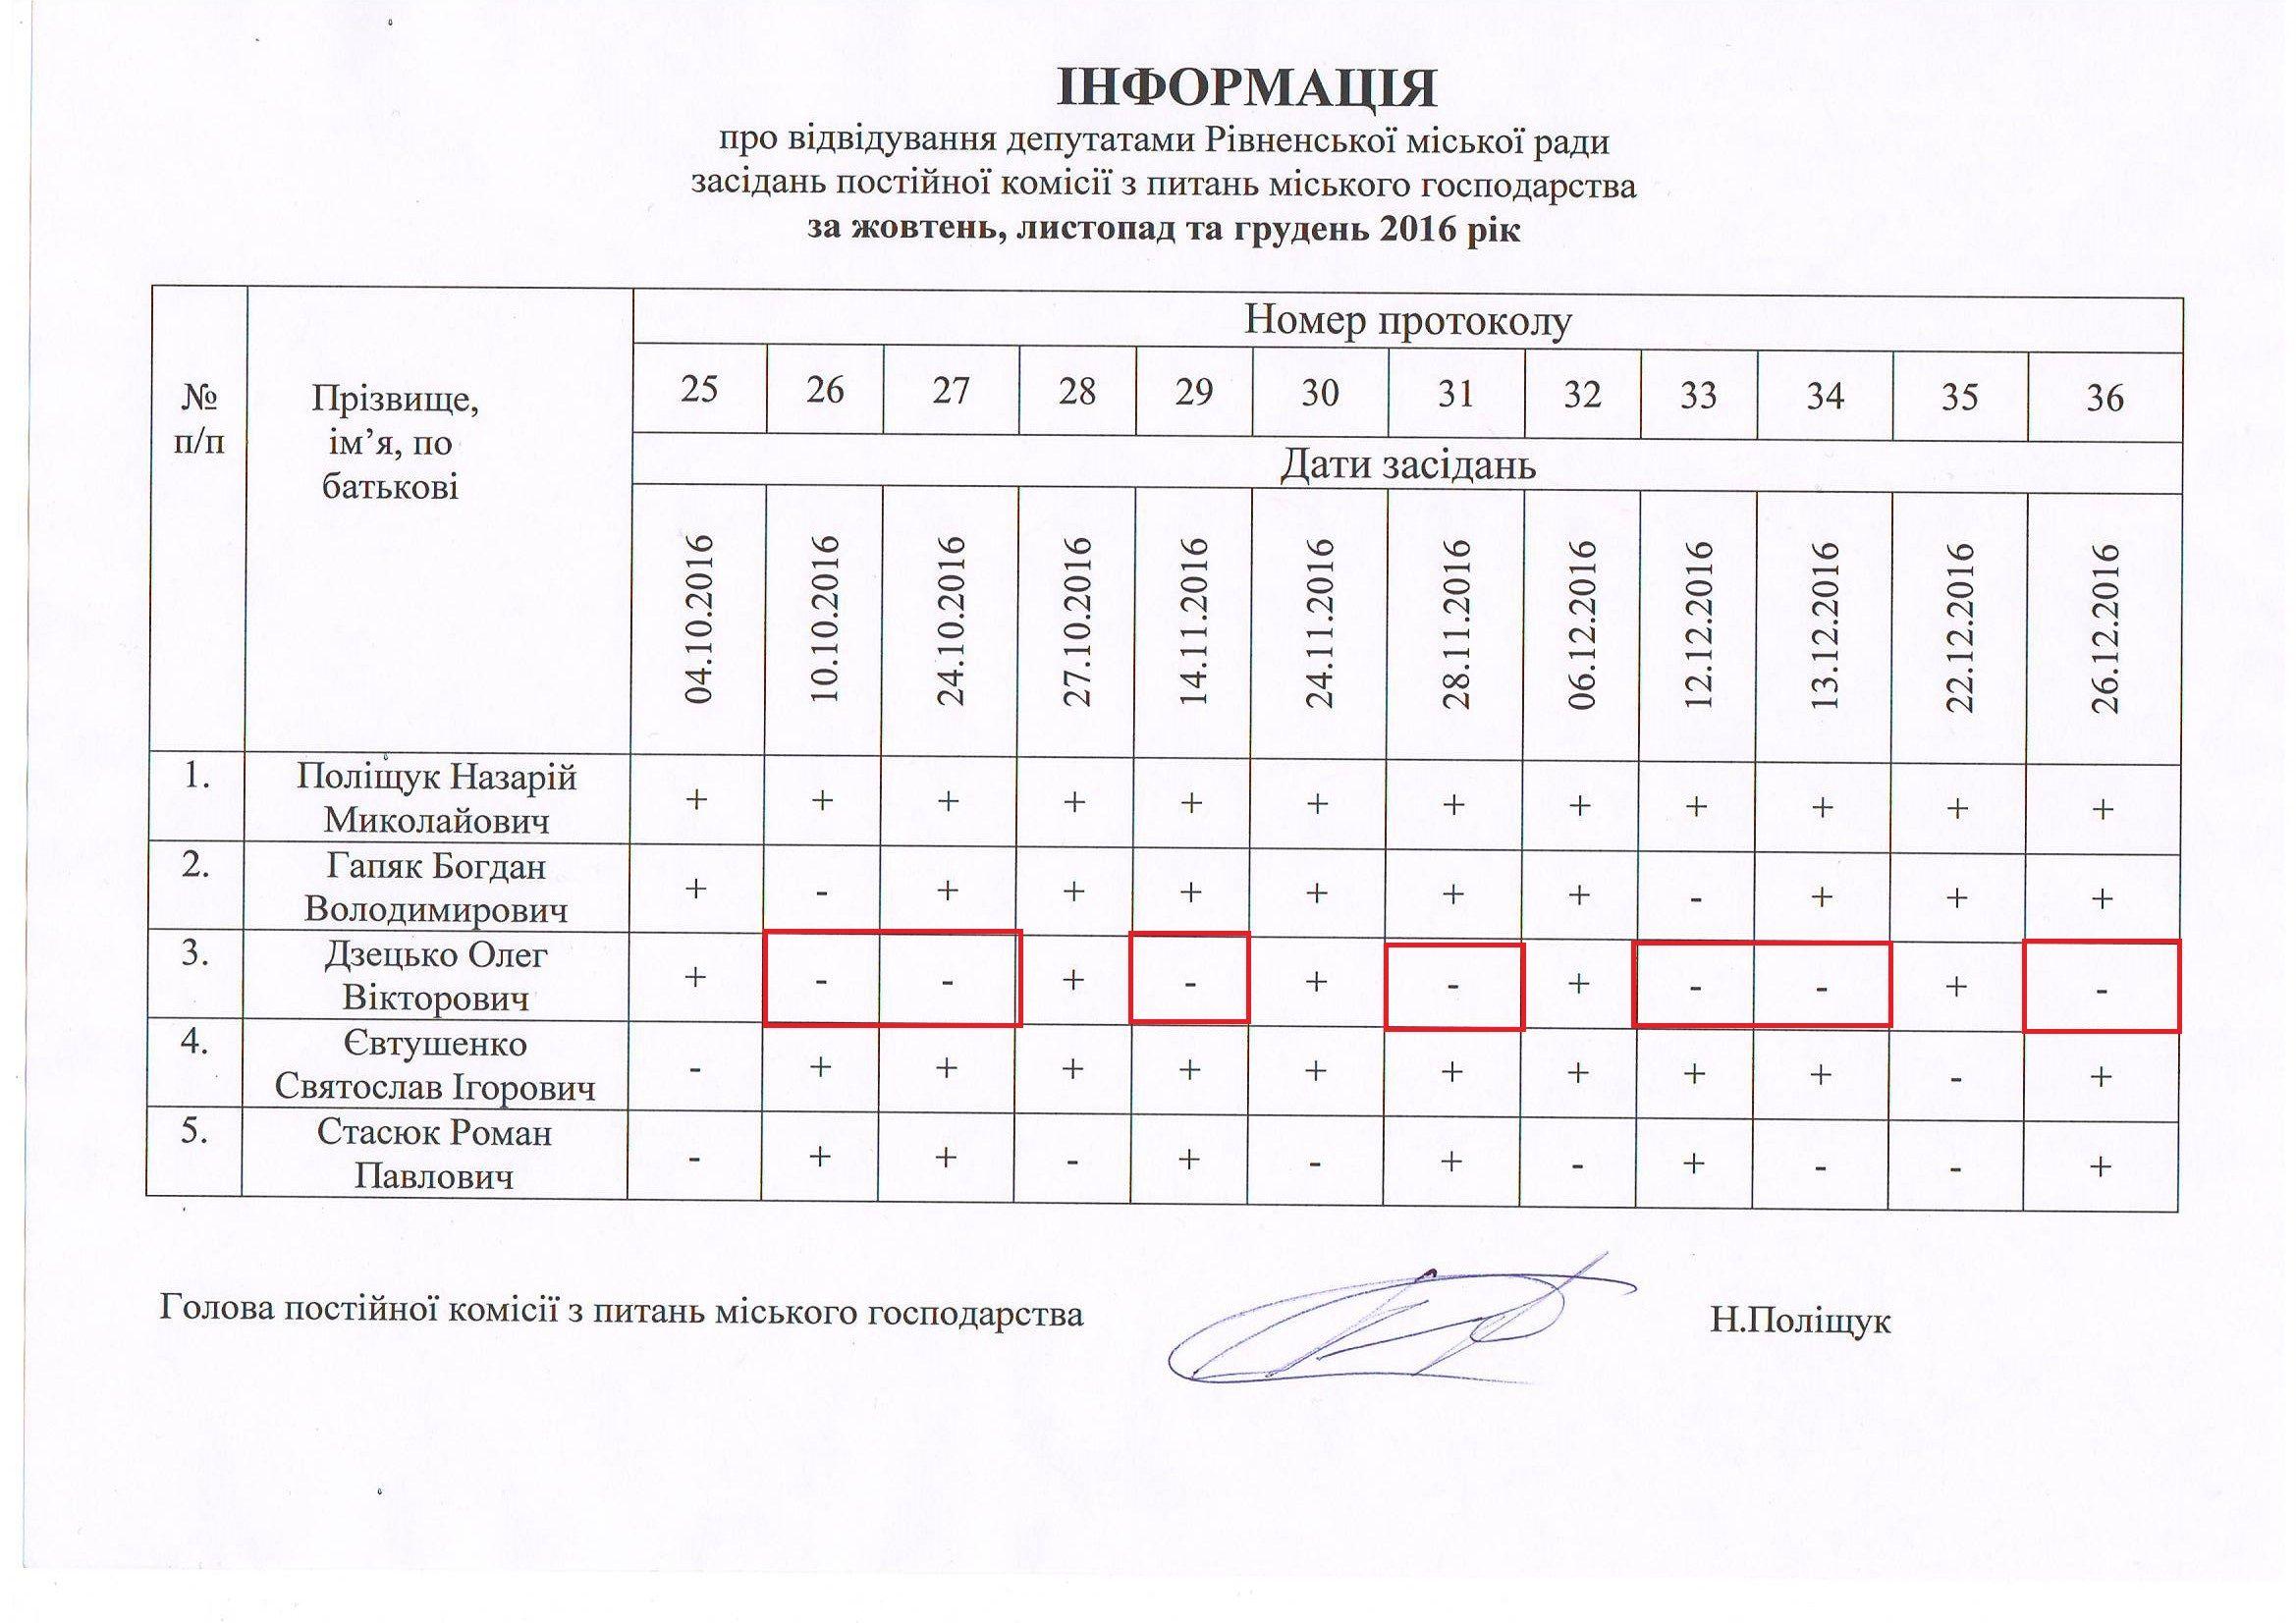 Постійна комісія з пит. міського господарства